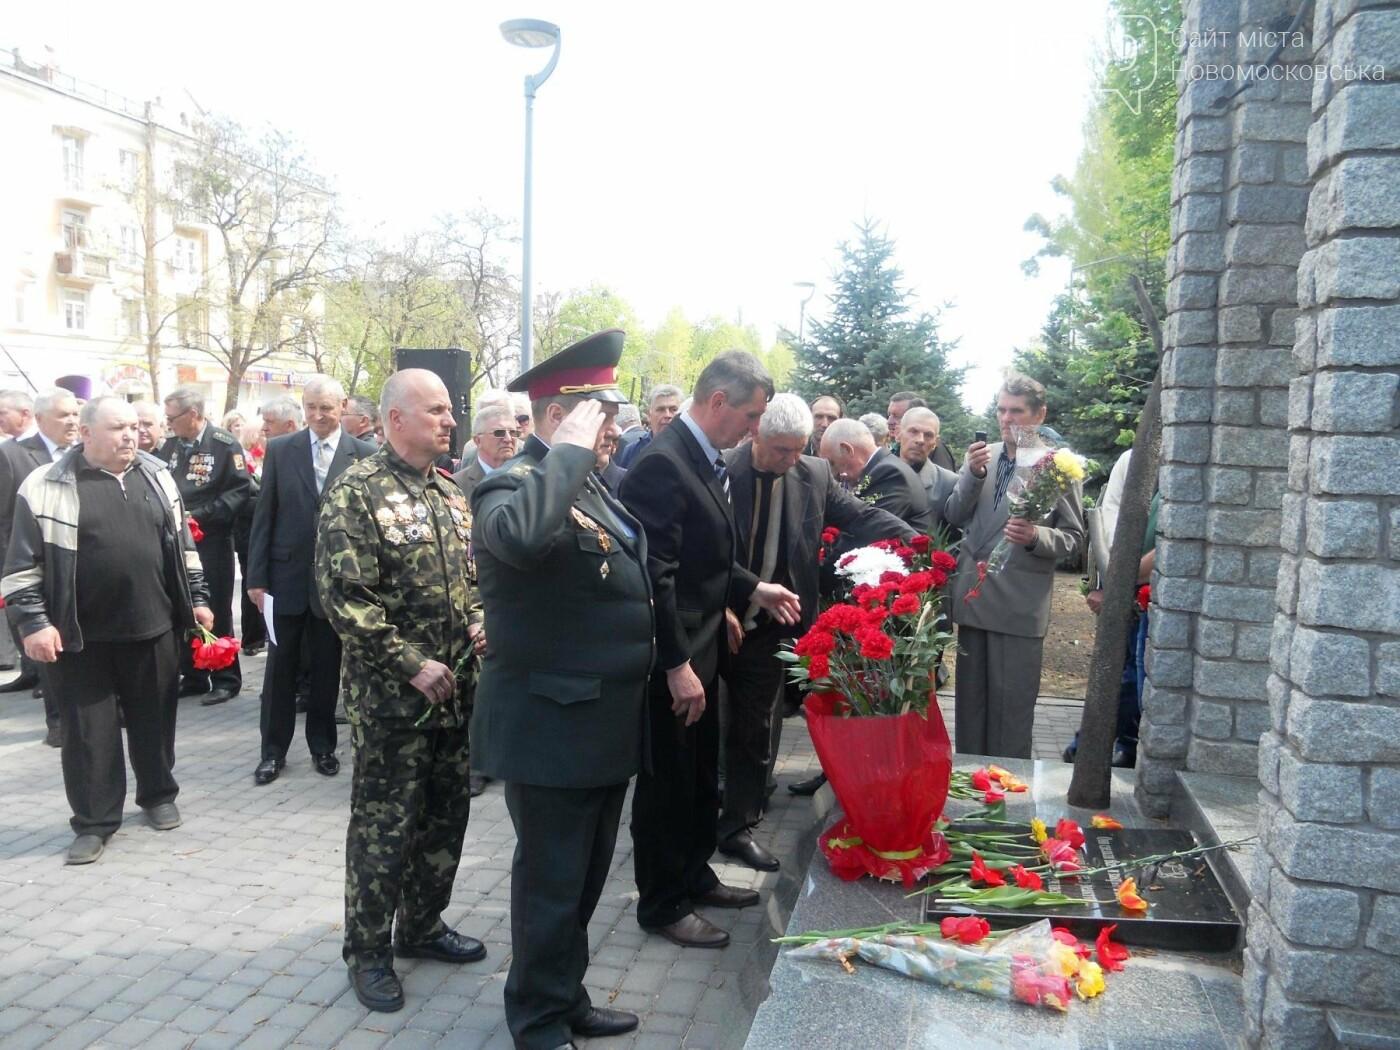 В Новомосковську відзначили річницю Чорнобильської катастрофи, фото-11